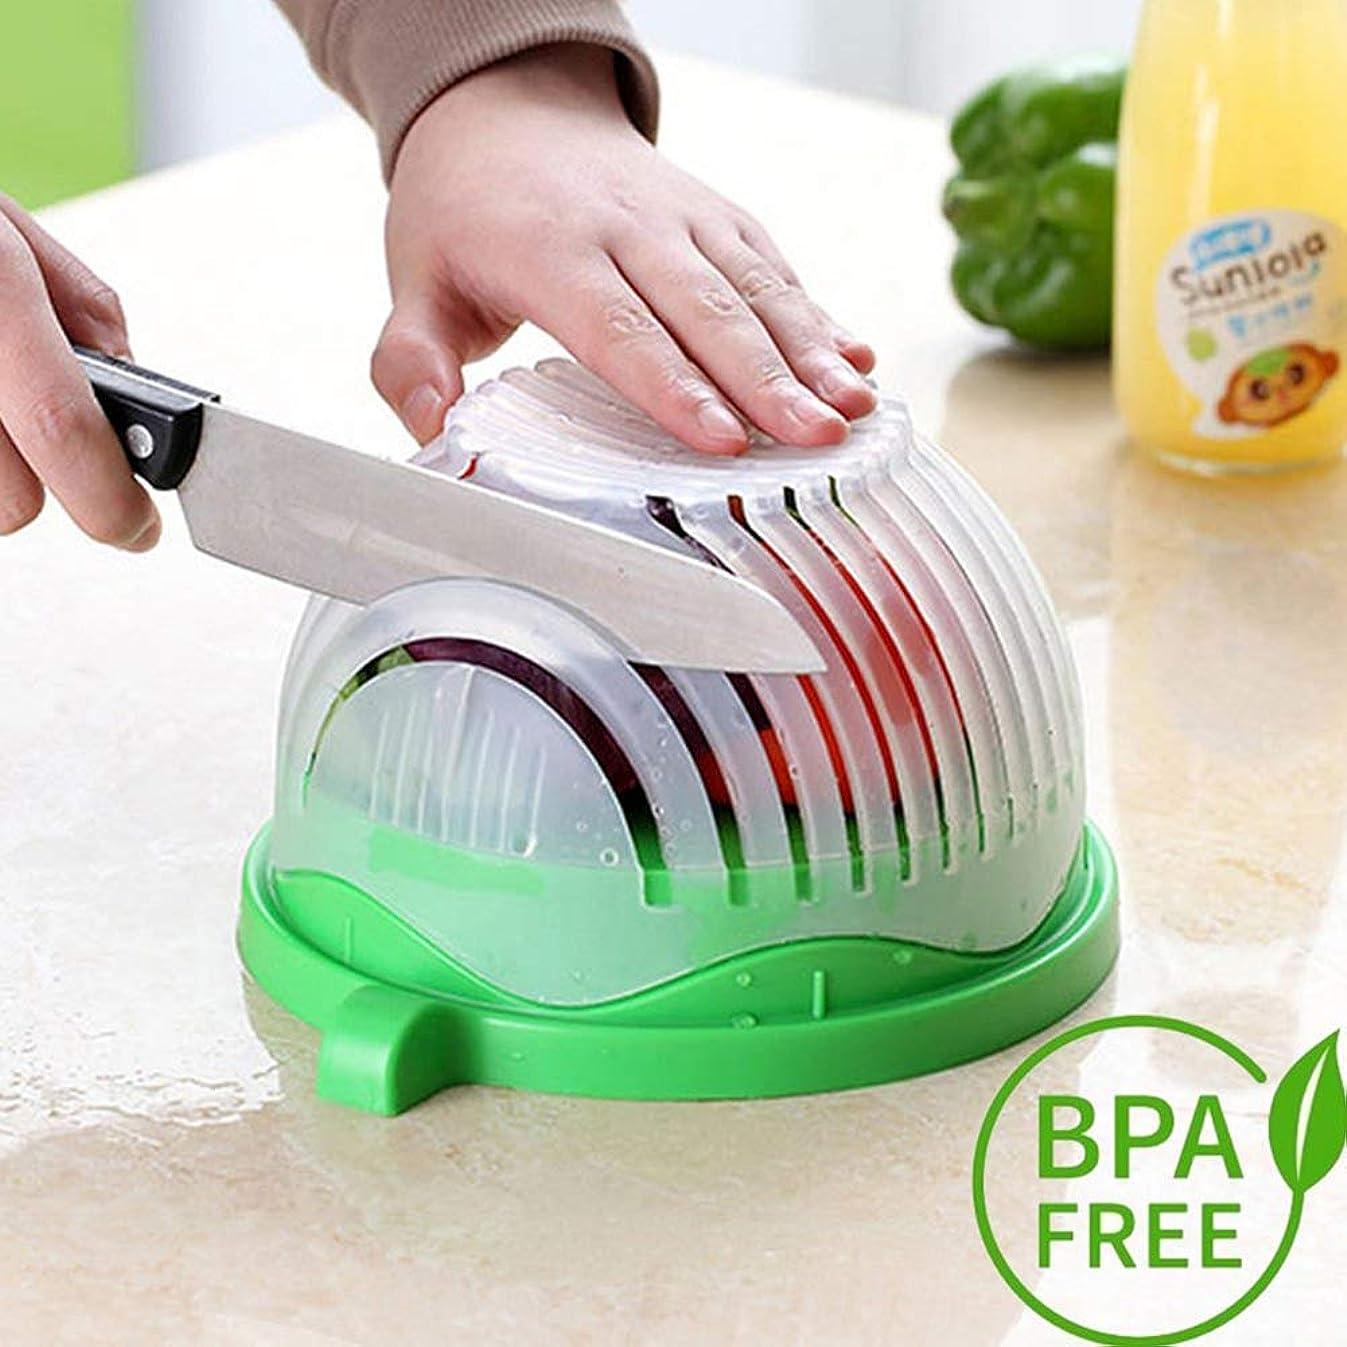 Beymill Salad Cutter Bowl 60 Seconds Salad Maker, FDA Approved Salad Chopper Bowl,Health Salad Fruit Vegetable Slicer for Family